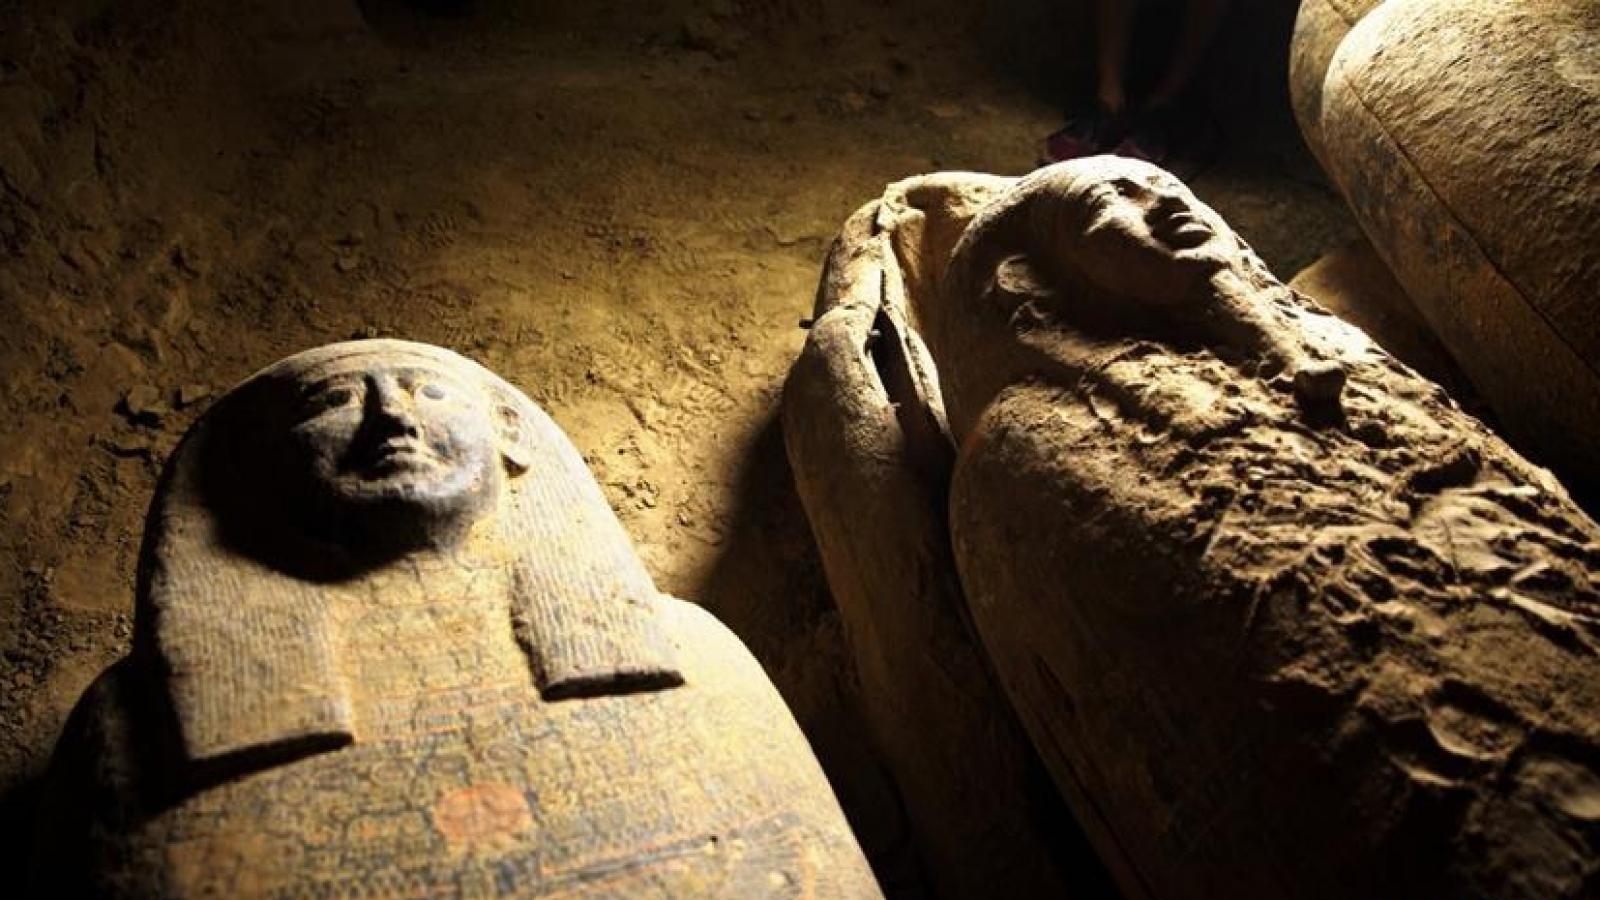 Ai Cập phát hiện quan tài nguyên vẹn 2.500 năm tuổi